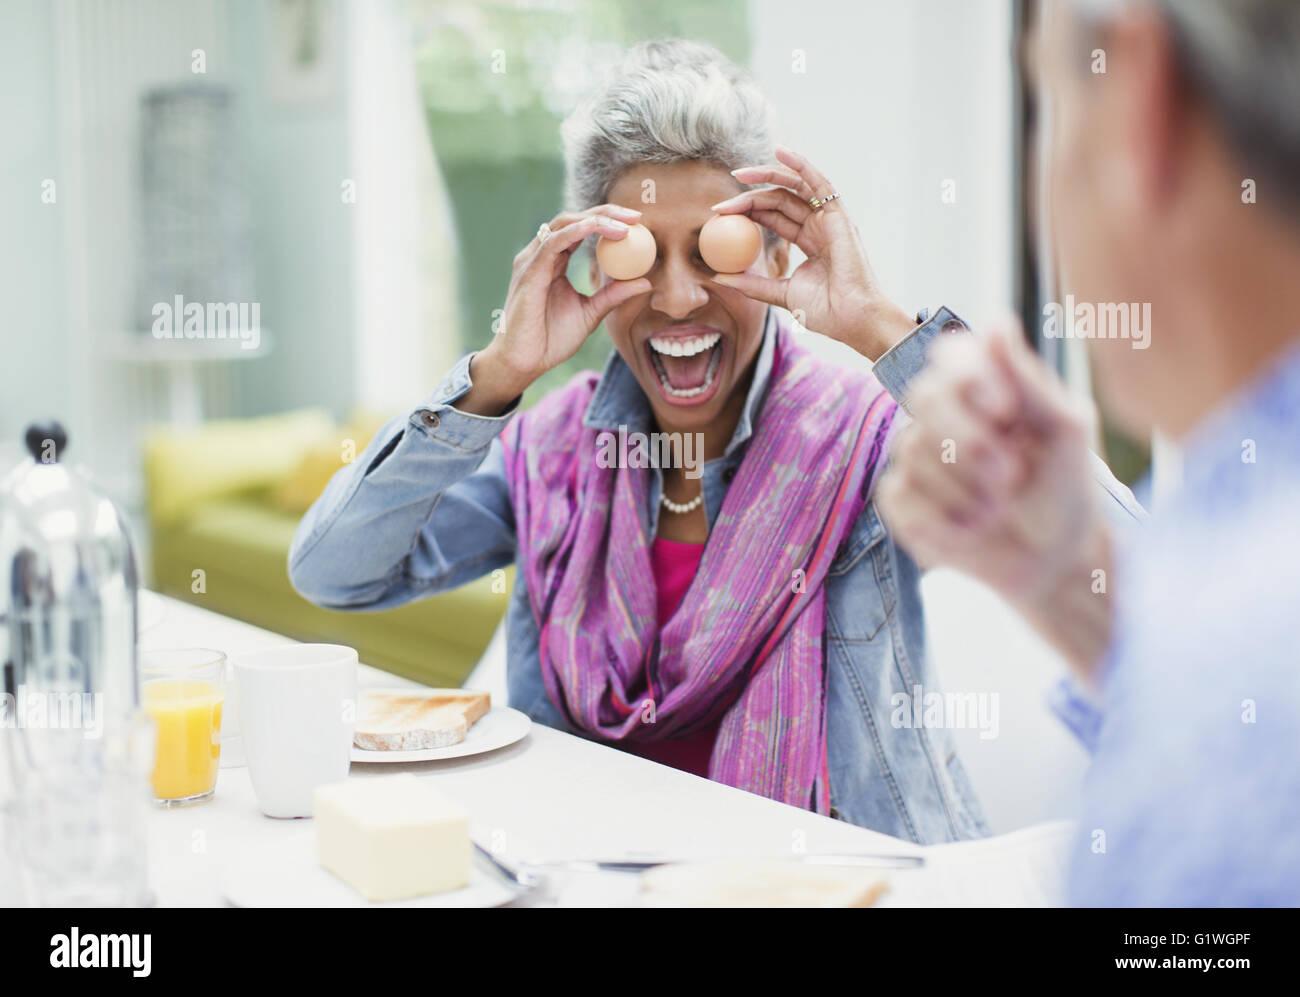 Spielerische Reife Frau für Augen mit Eiern am Frühstückstisch Stockbild